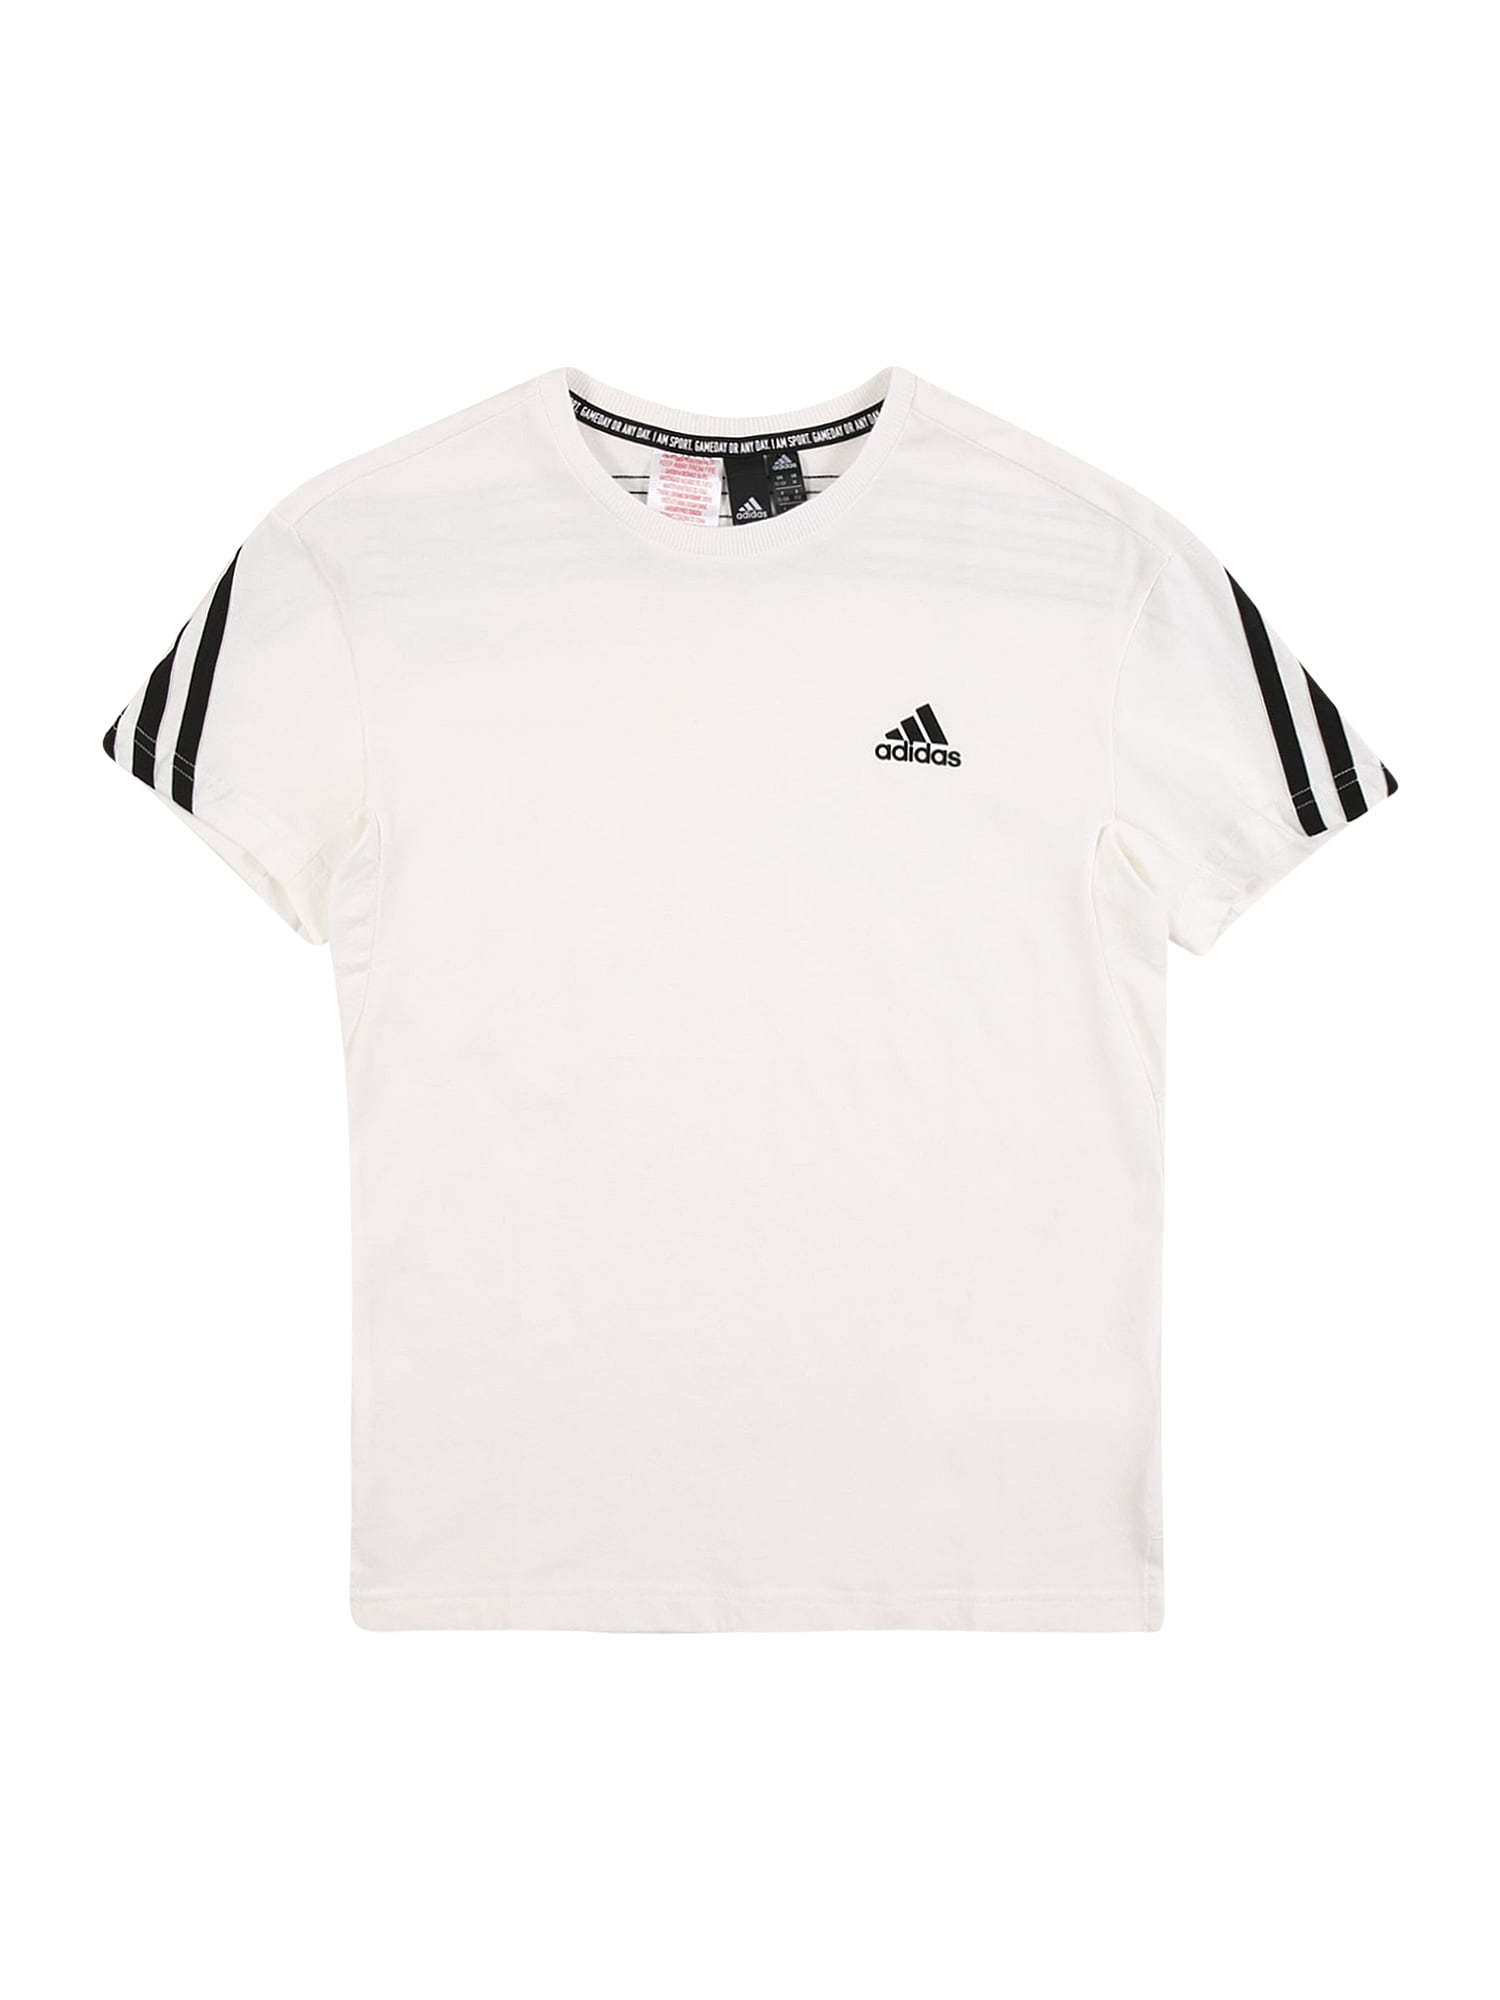 ADIDAS PERFORMANCE Marškinėliai juoda / natūrali balta